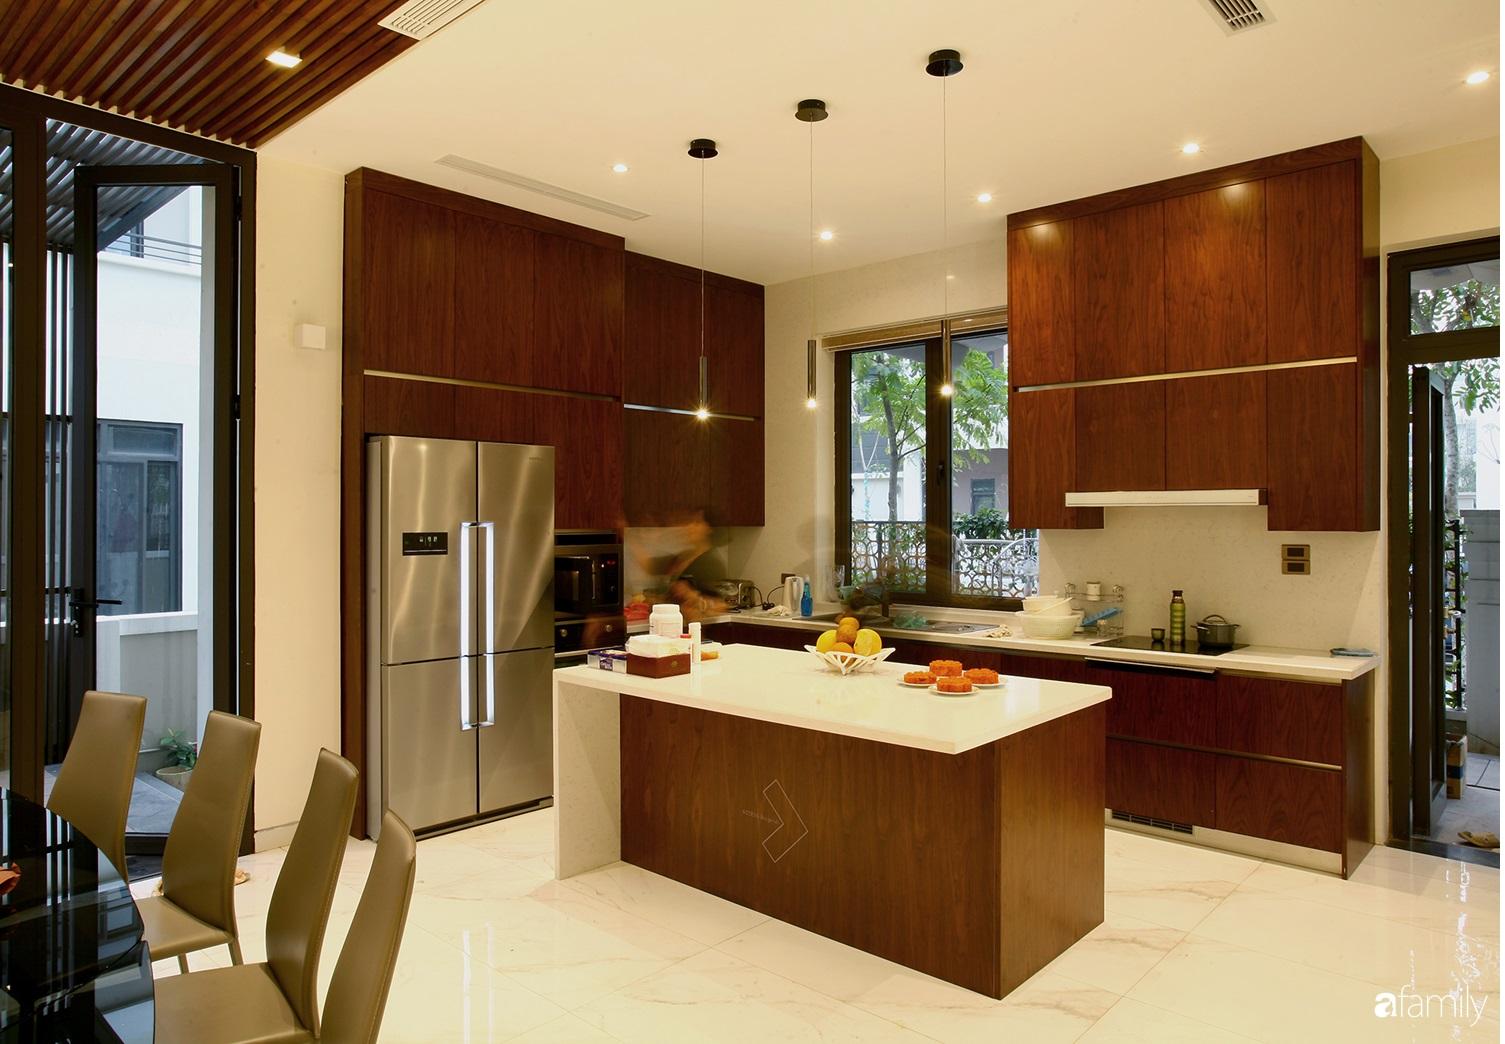 Cải tạo căn nhà 280m² thành không gian hiện đại, hướng ngoại ở Hà Nội  - Ảnh 5.